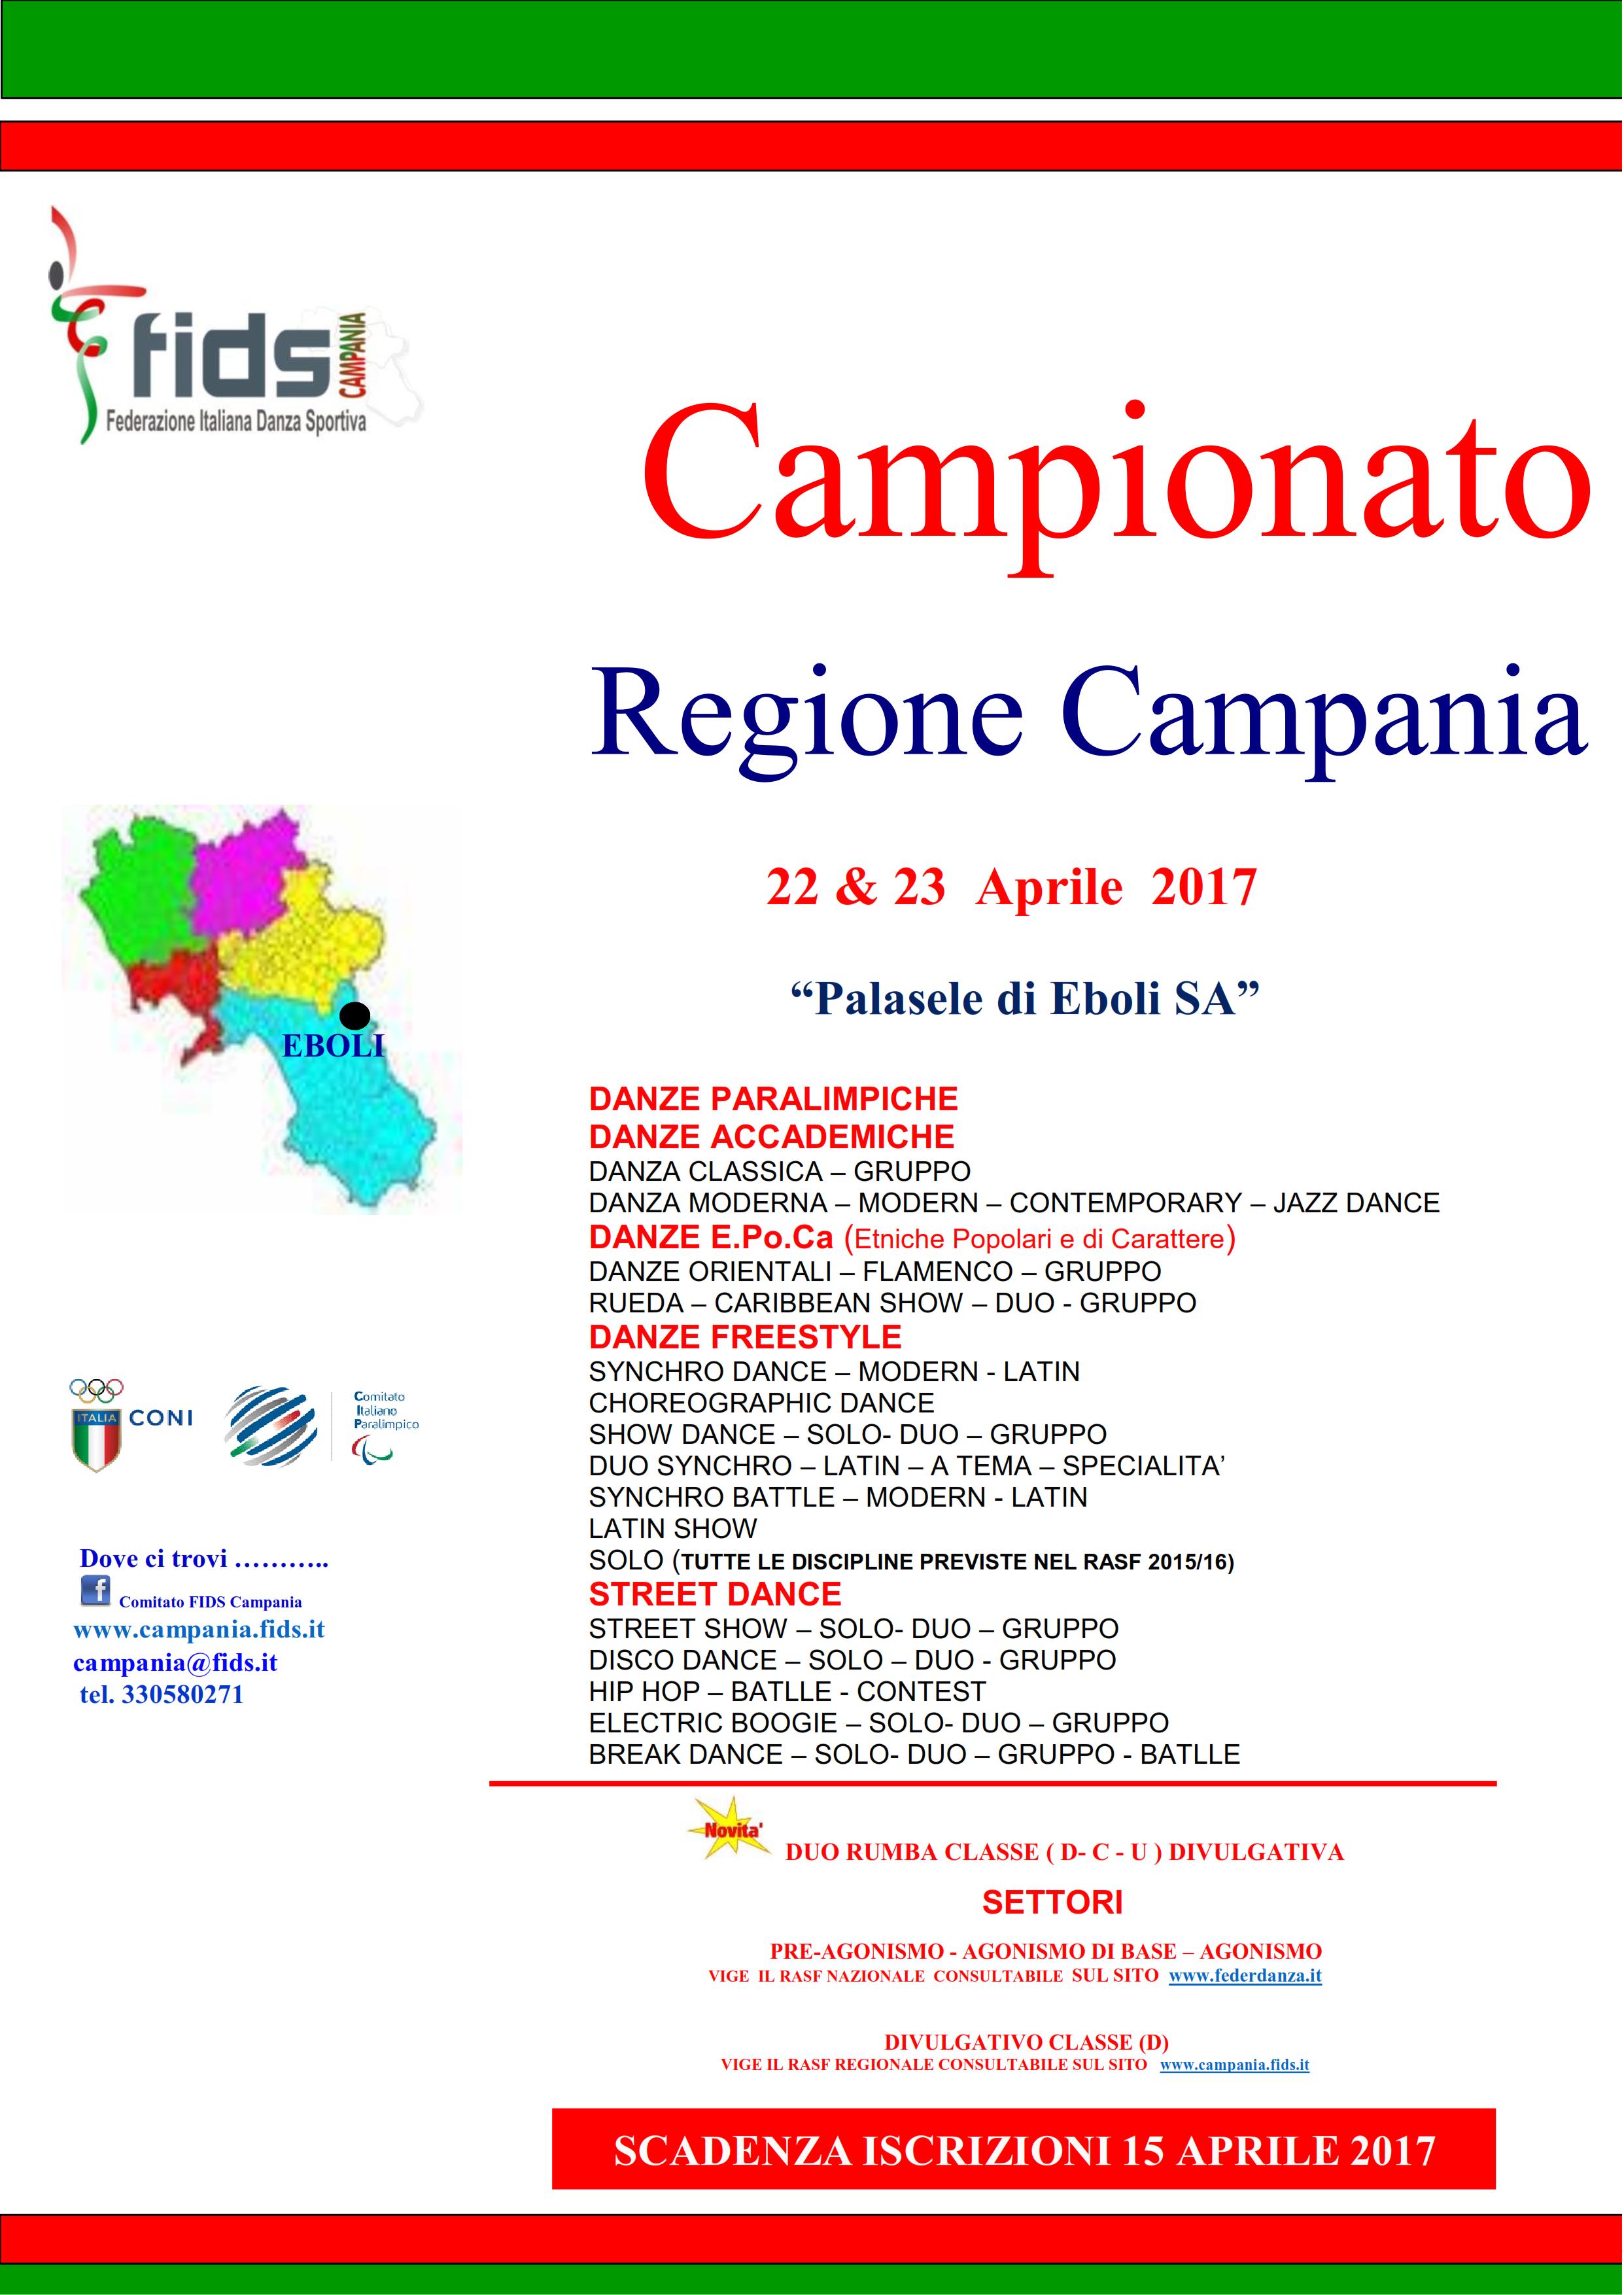 Fids Calendario.Competizioni Comitato Regionale Campania